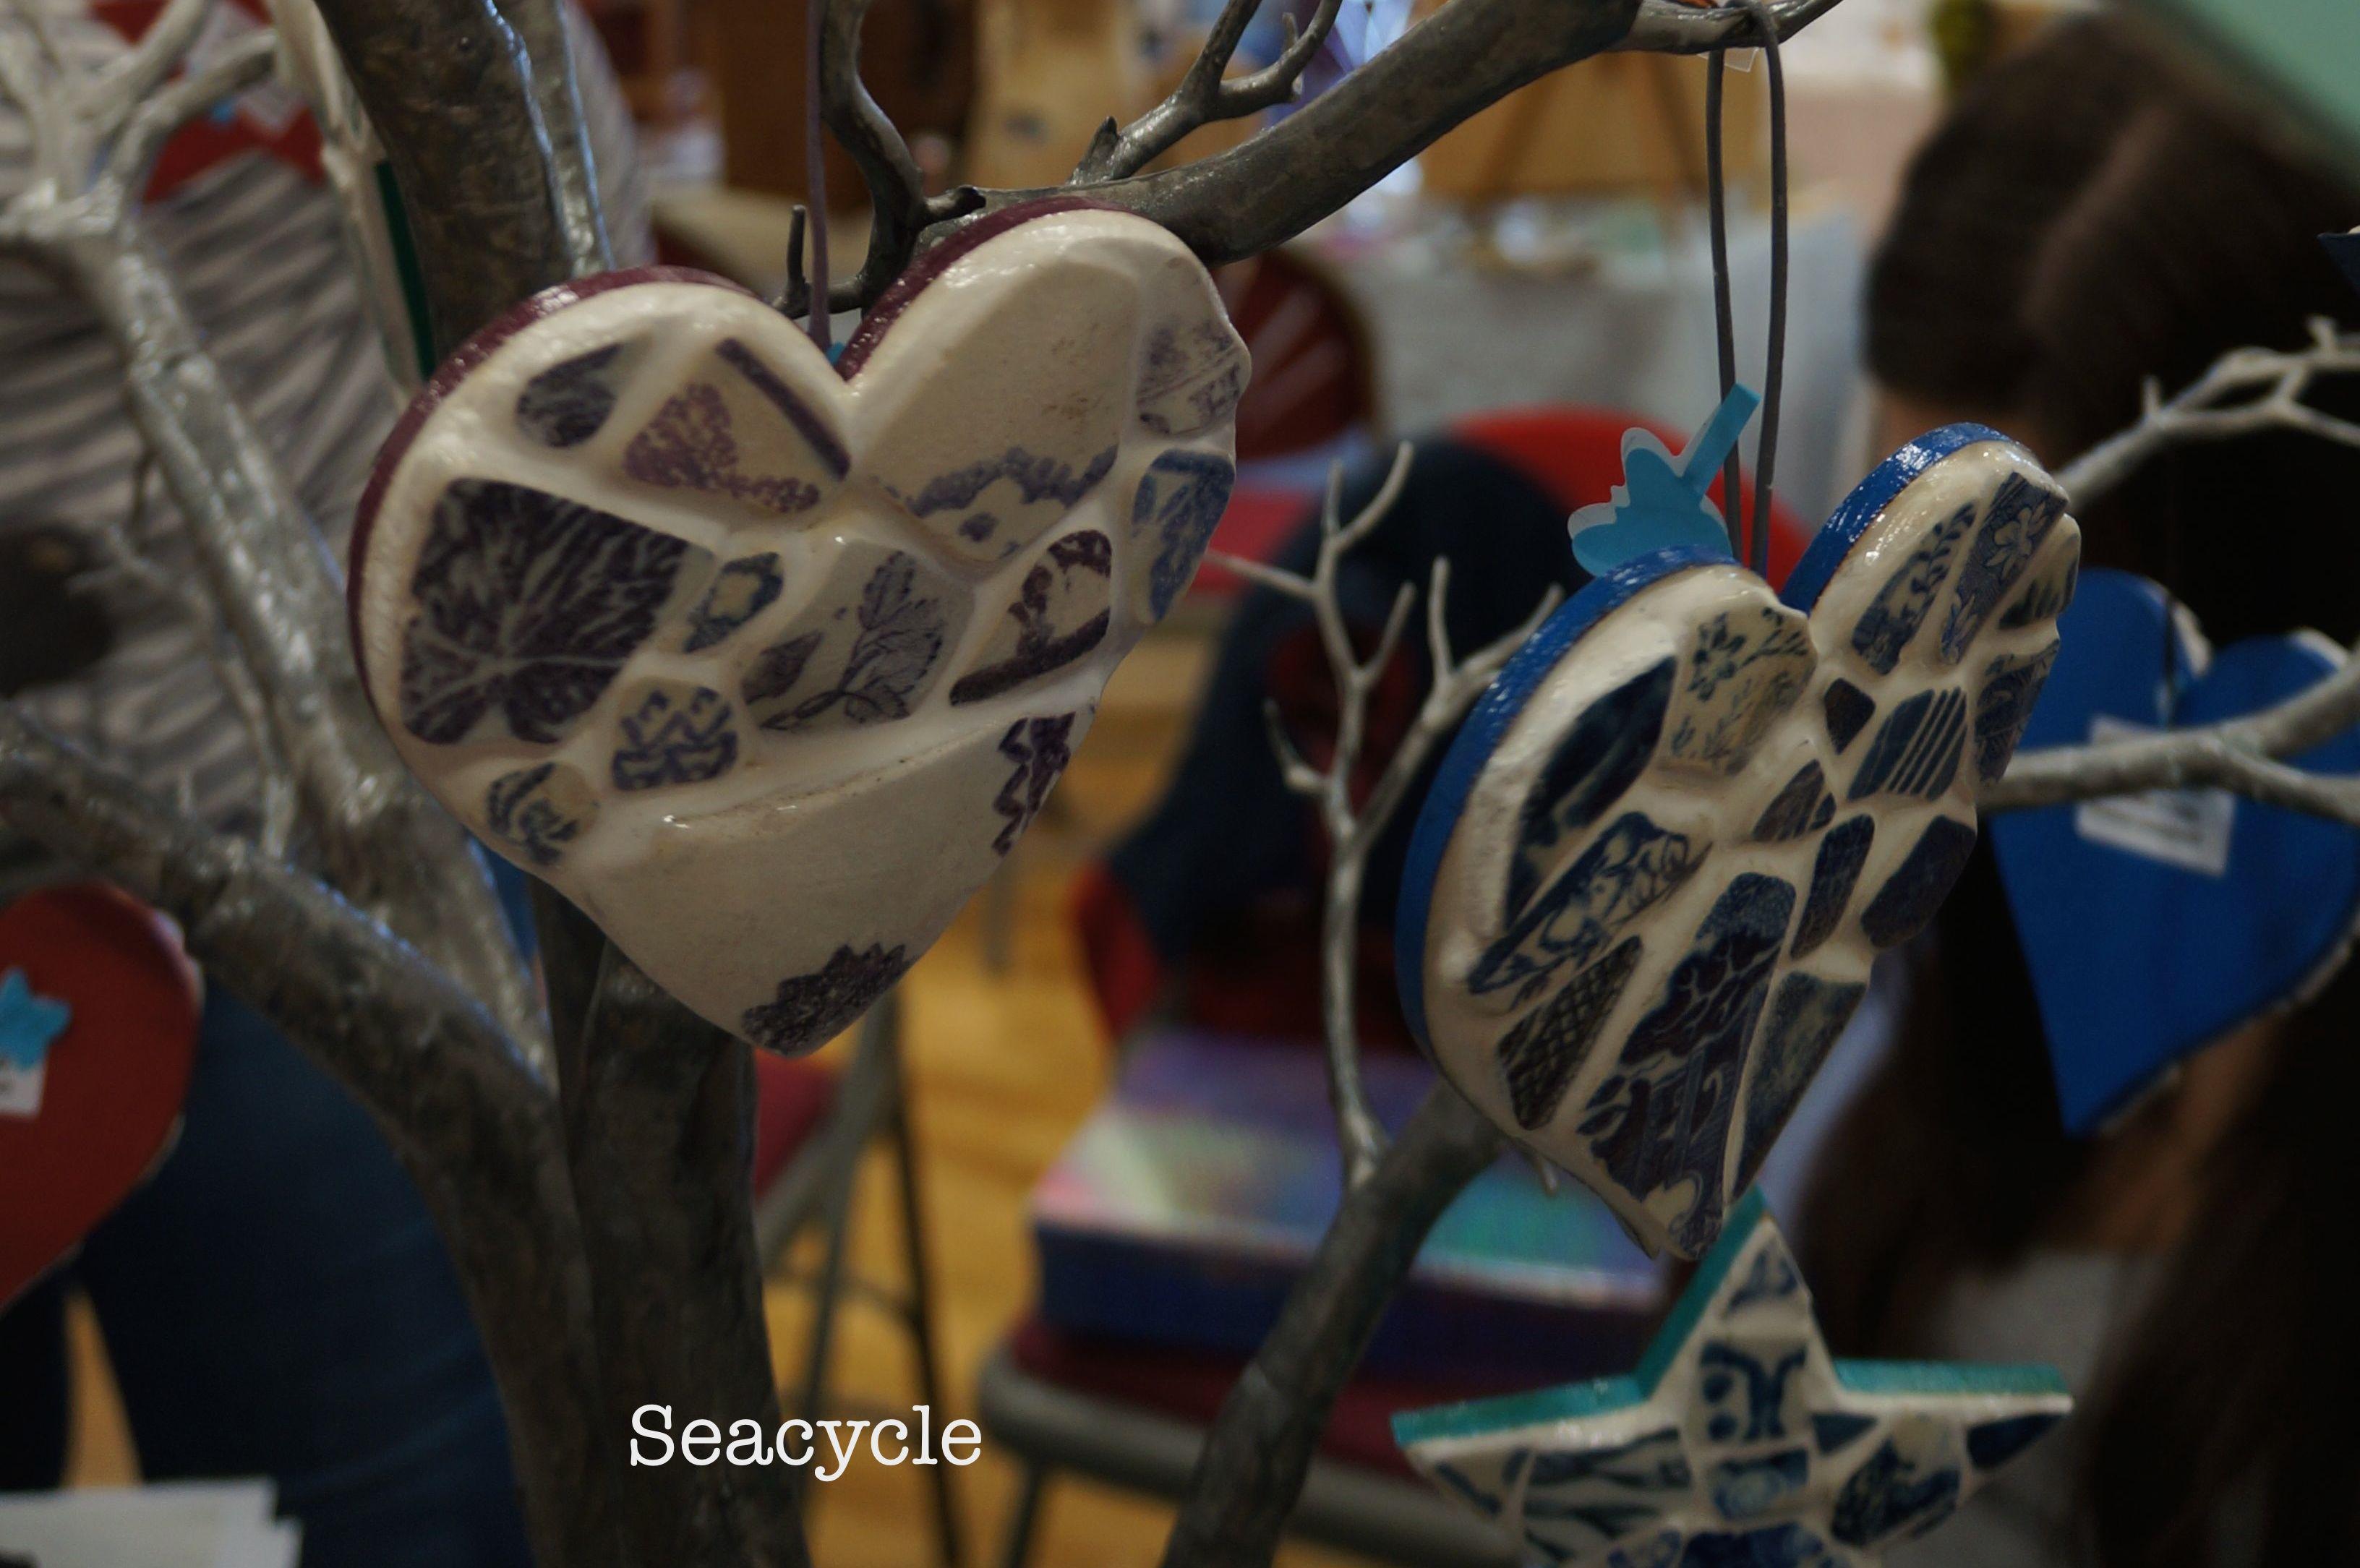 seacyle close-up